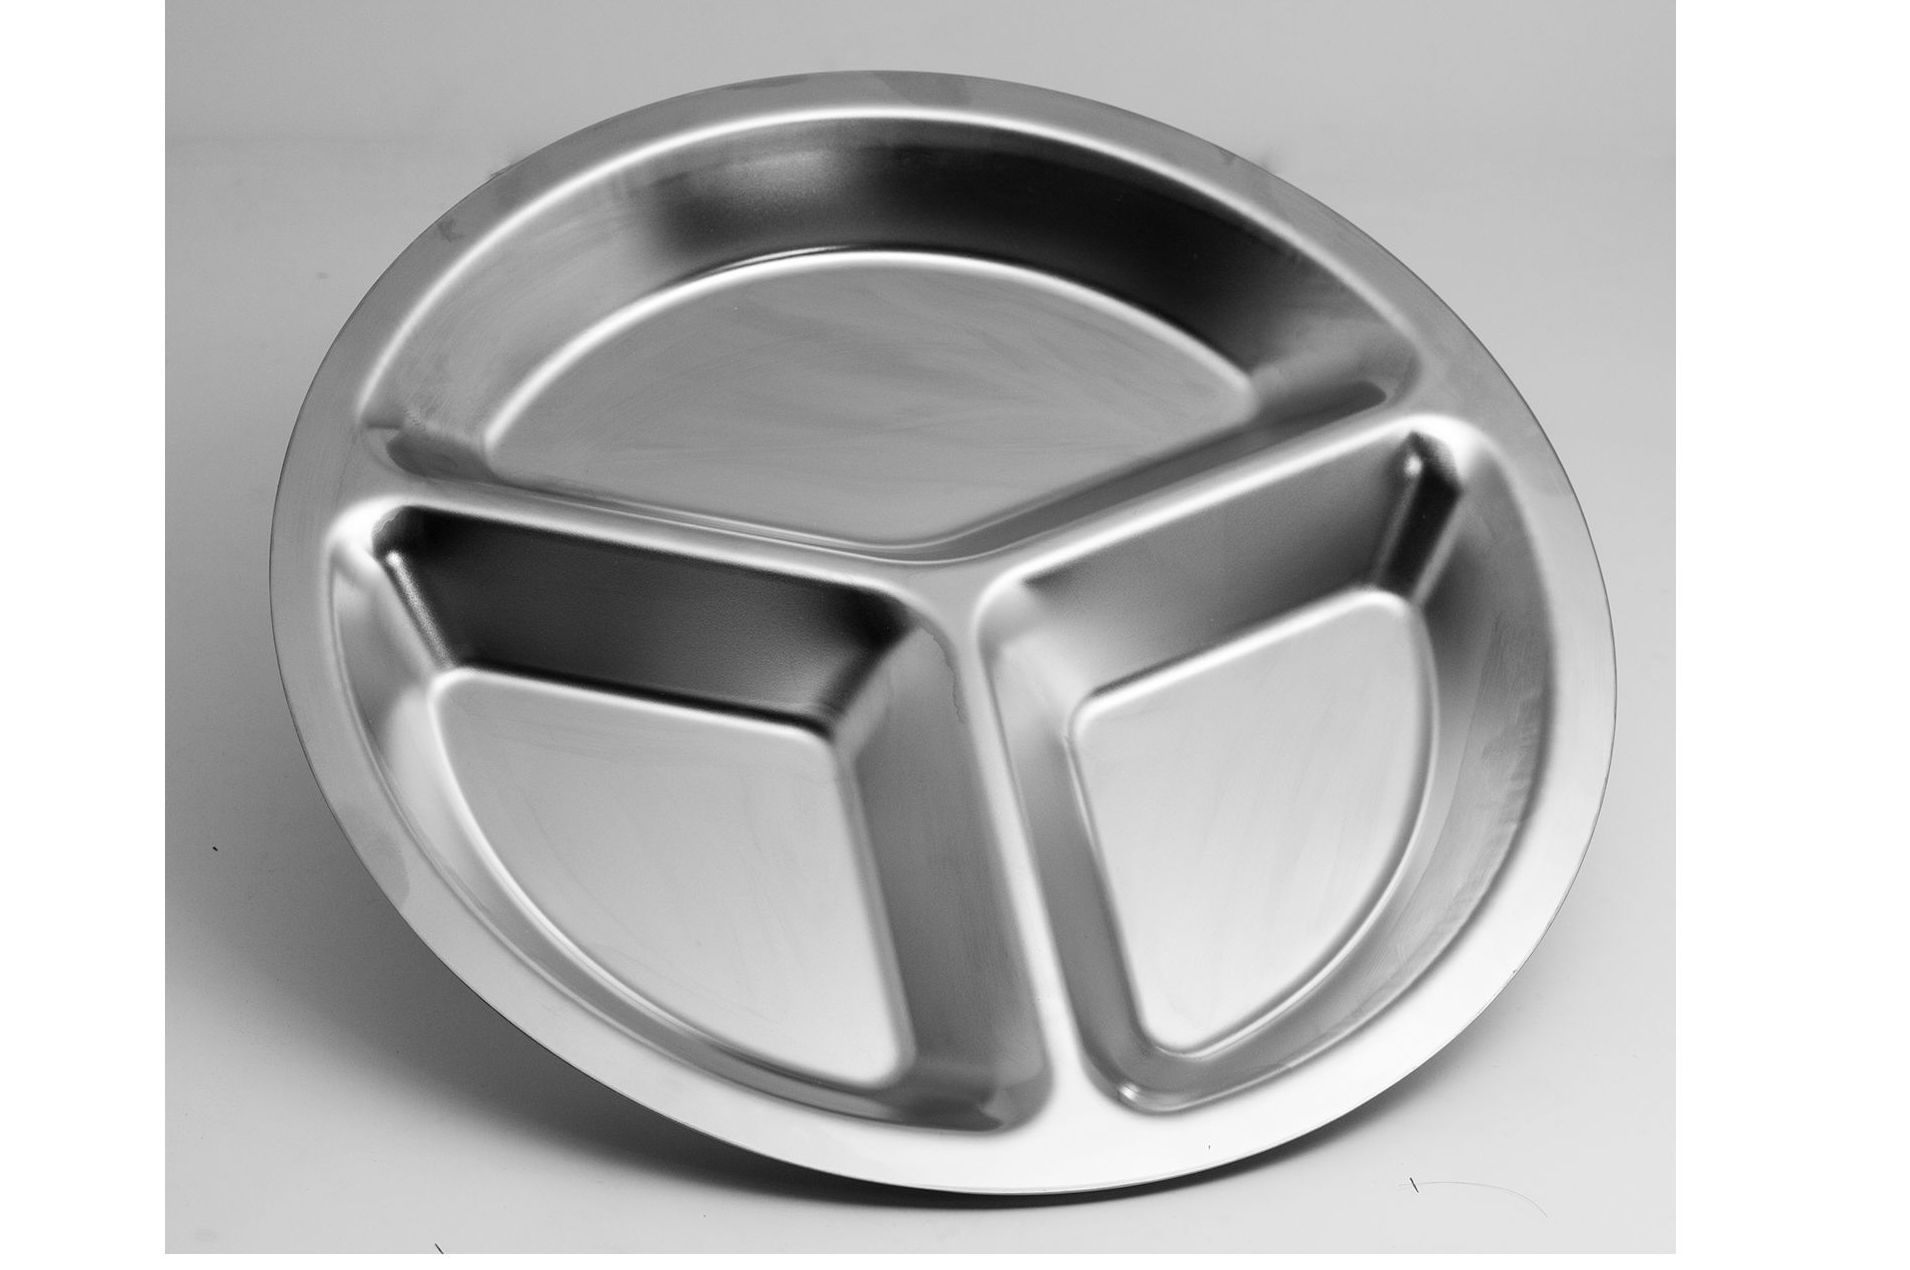 Bandeja autoservico 3 compartimentos : Productos   de Miracor